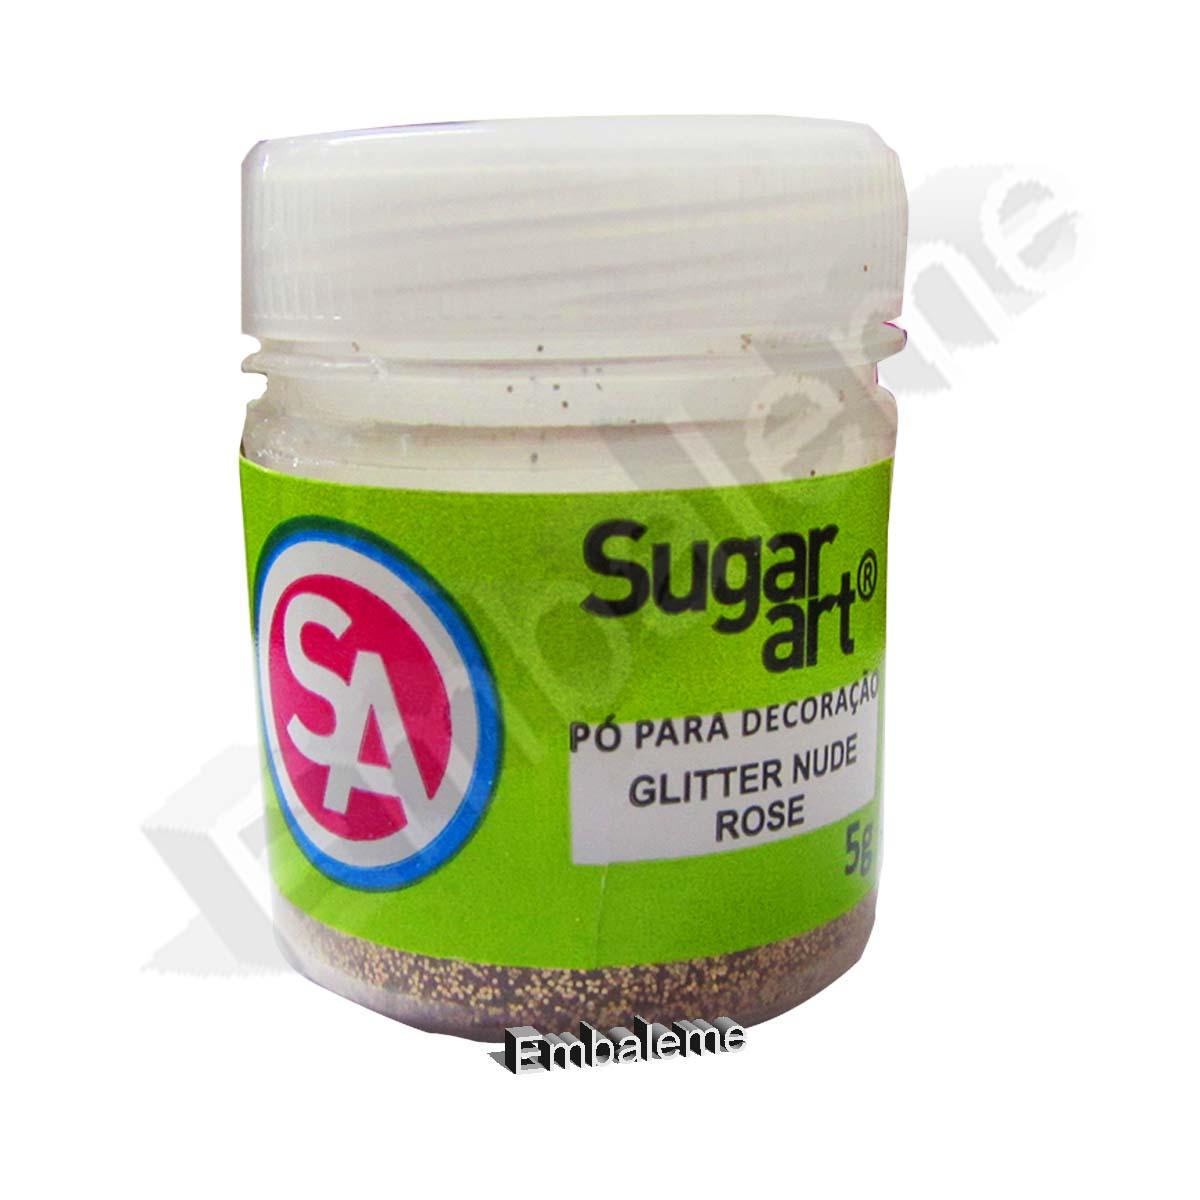 Glitter Pó para Decoração Sugar Art  Nude Rose 5G